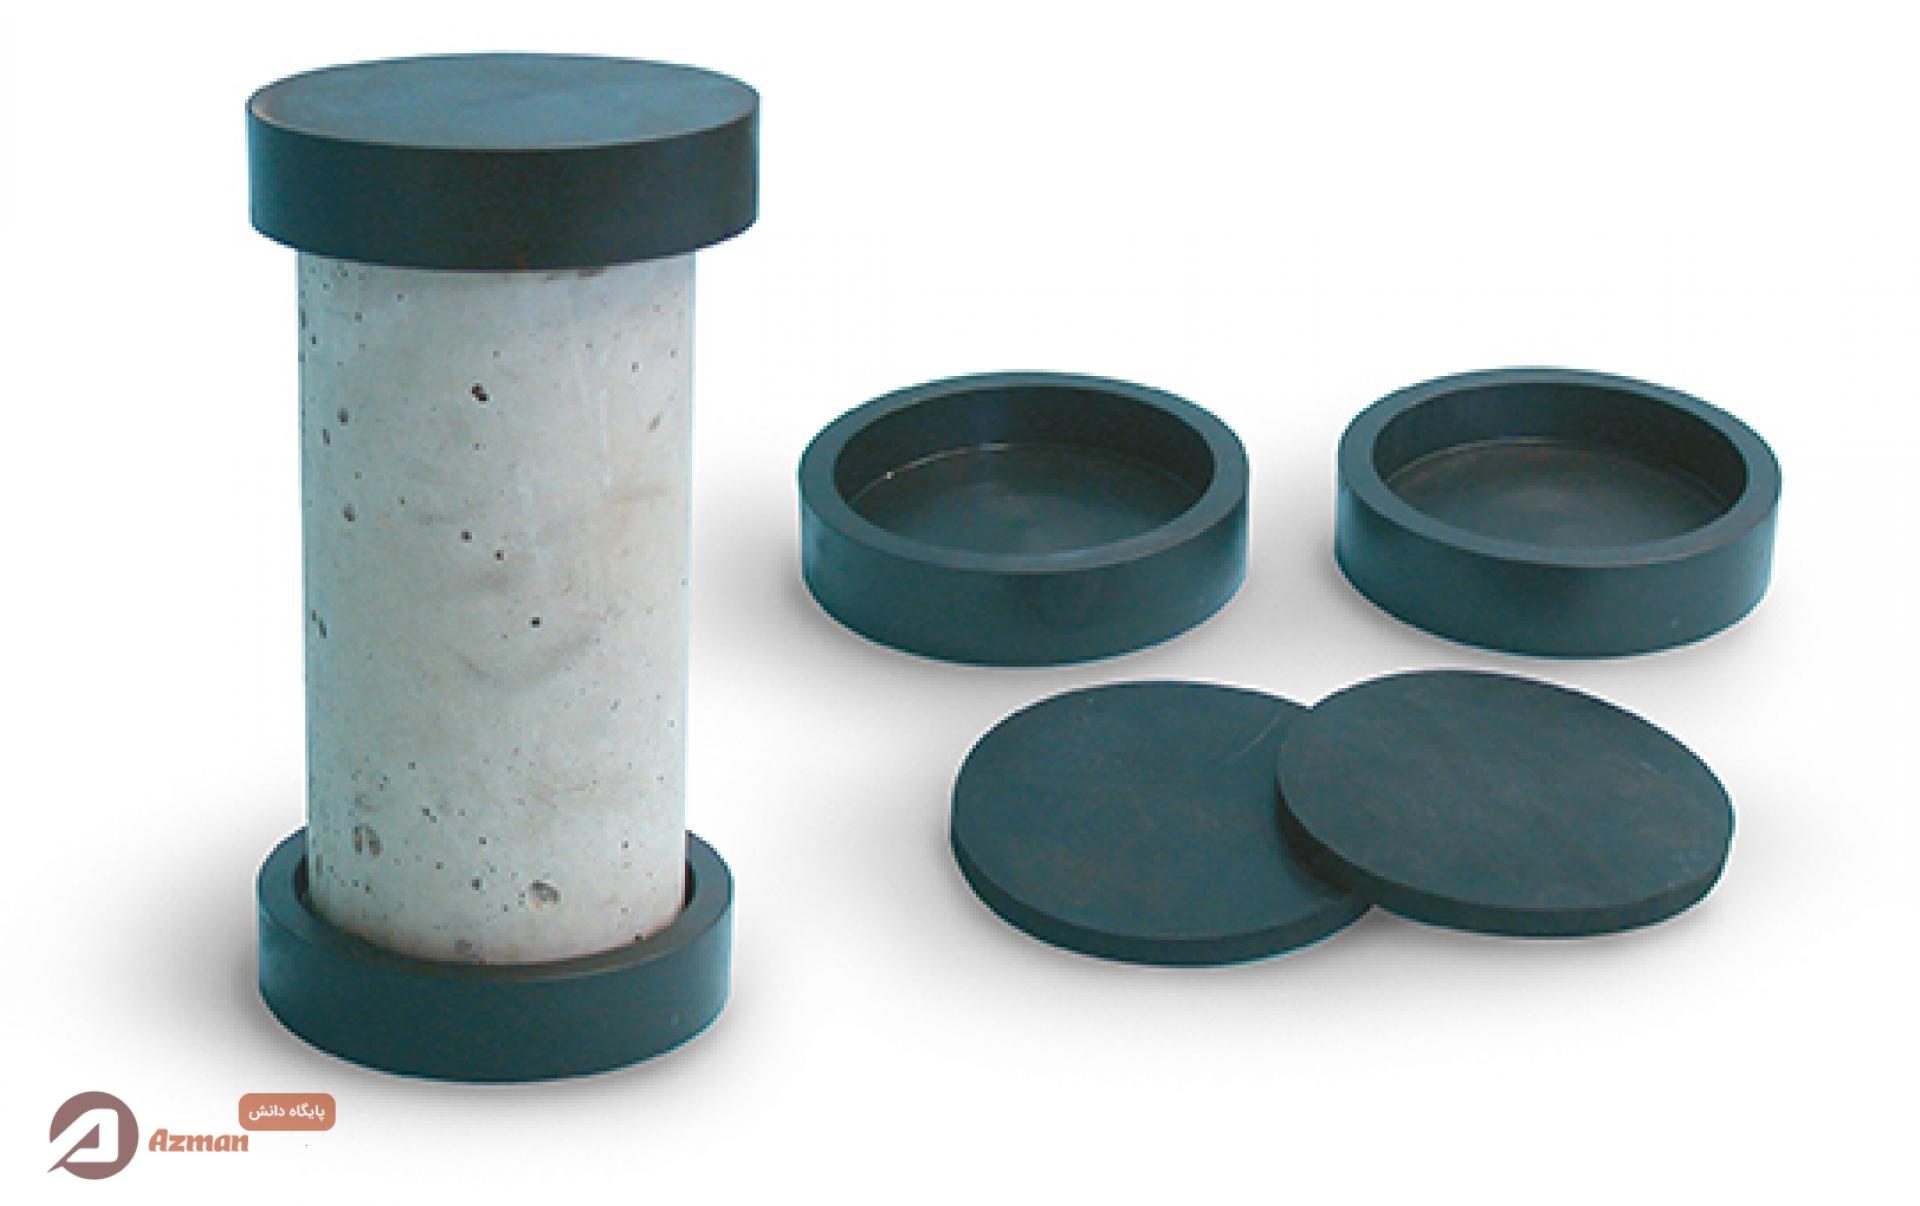 کپینگ بتن (نمونه های استوانه ای یا سیلندری)